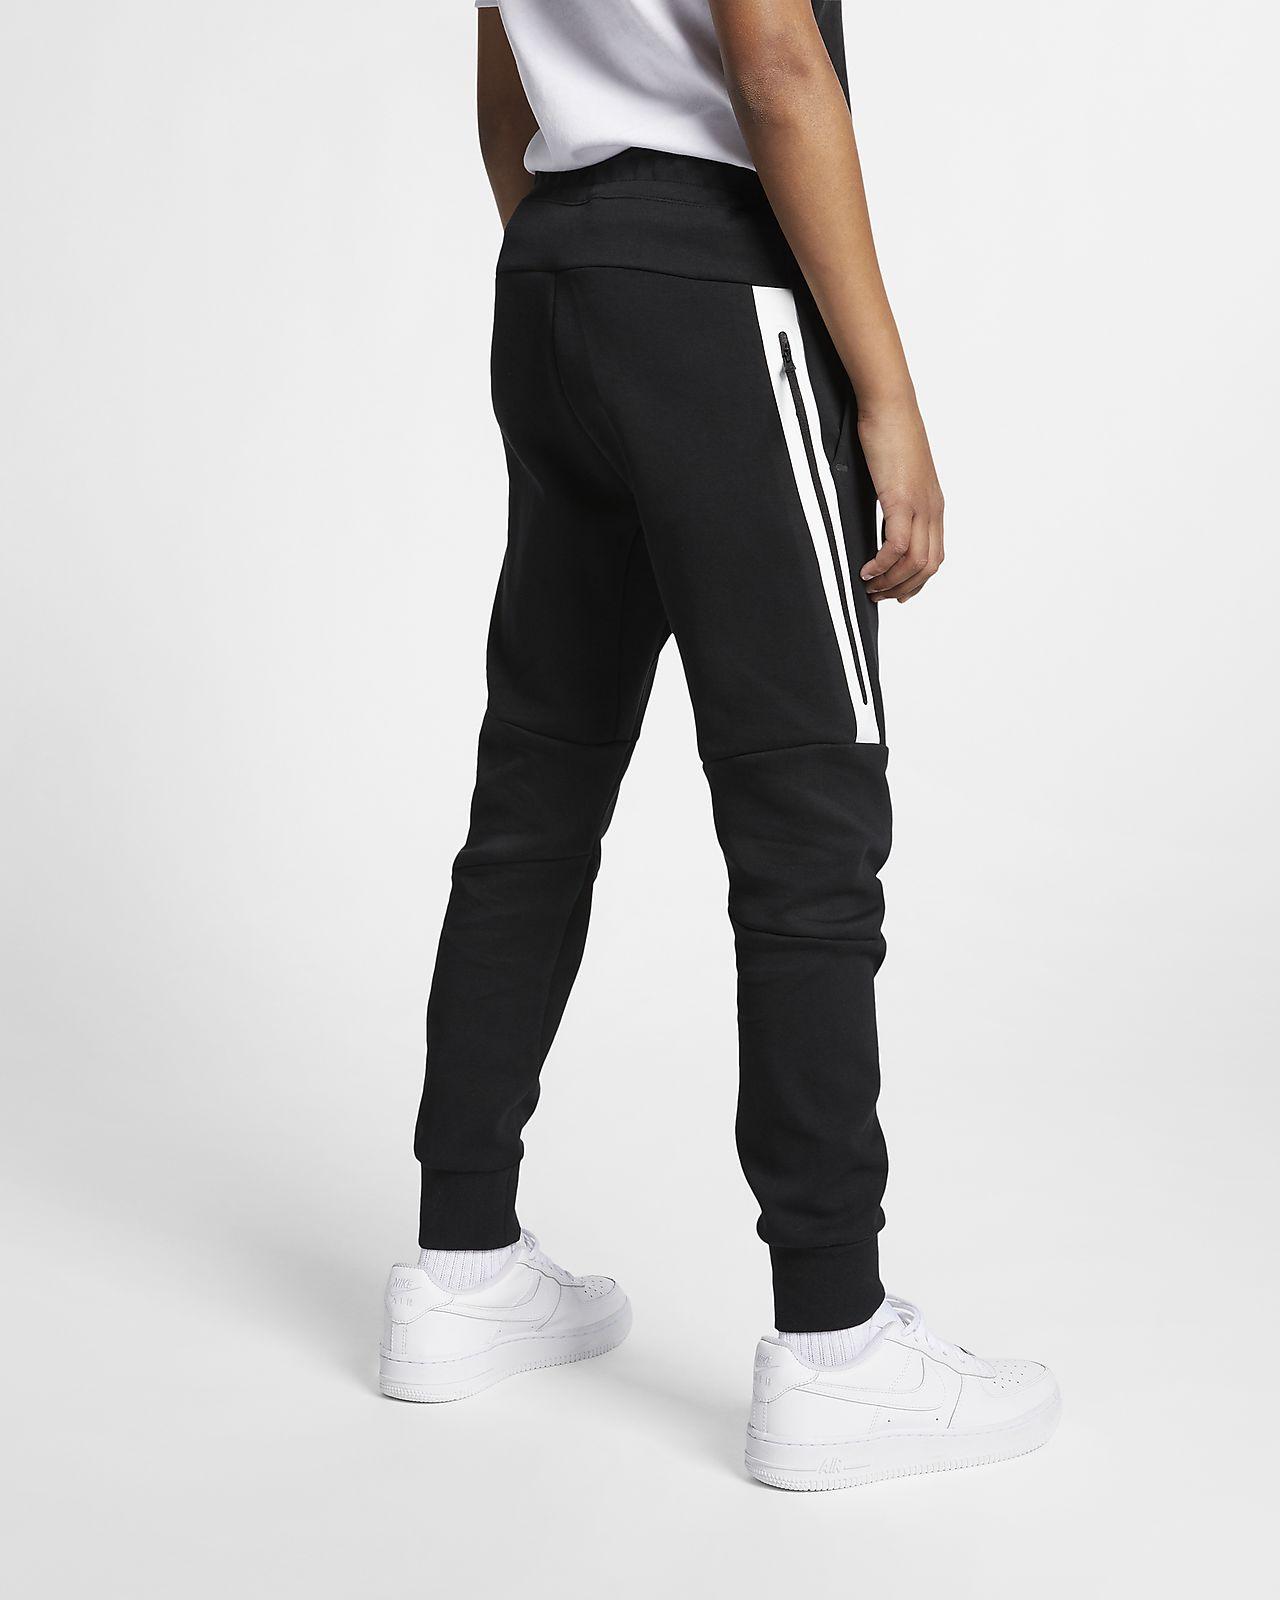 36965ce04d0f Nike Sportswear Older Kids  Tech Fleece Trousers. Nike.com AU